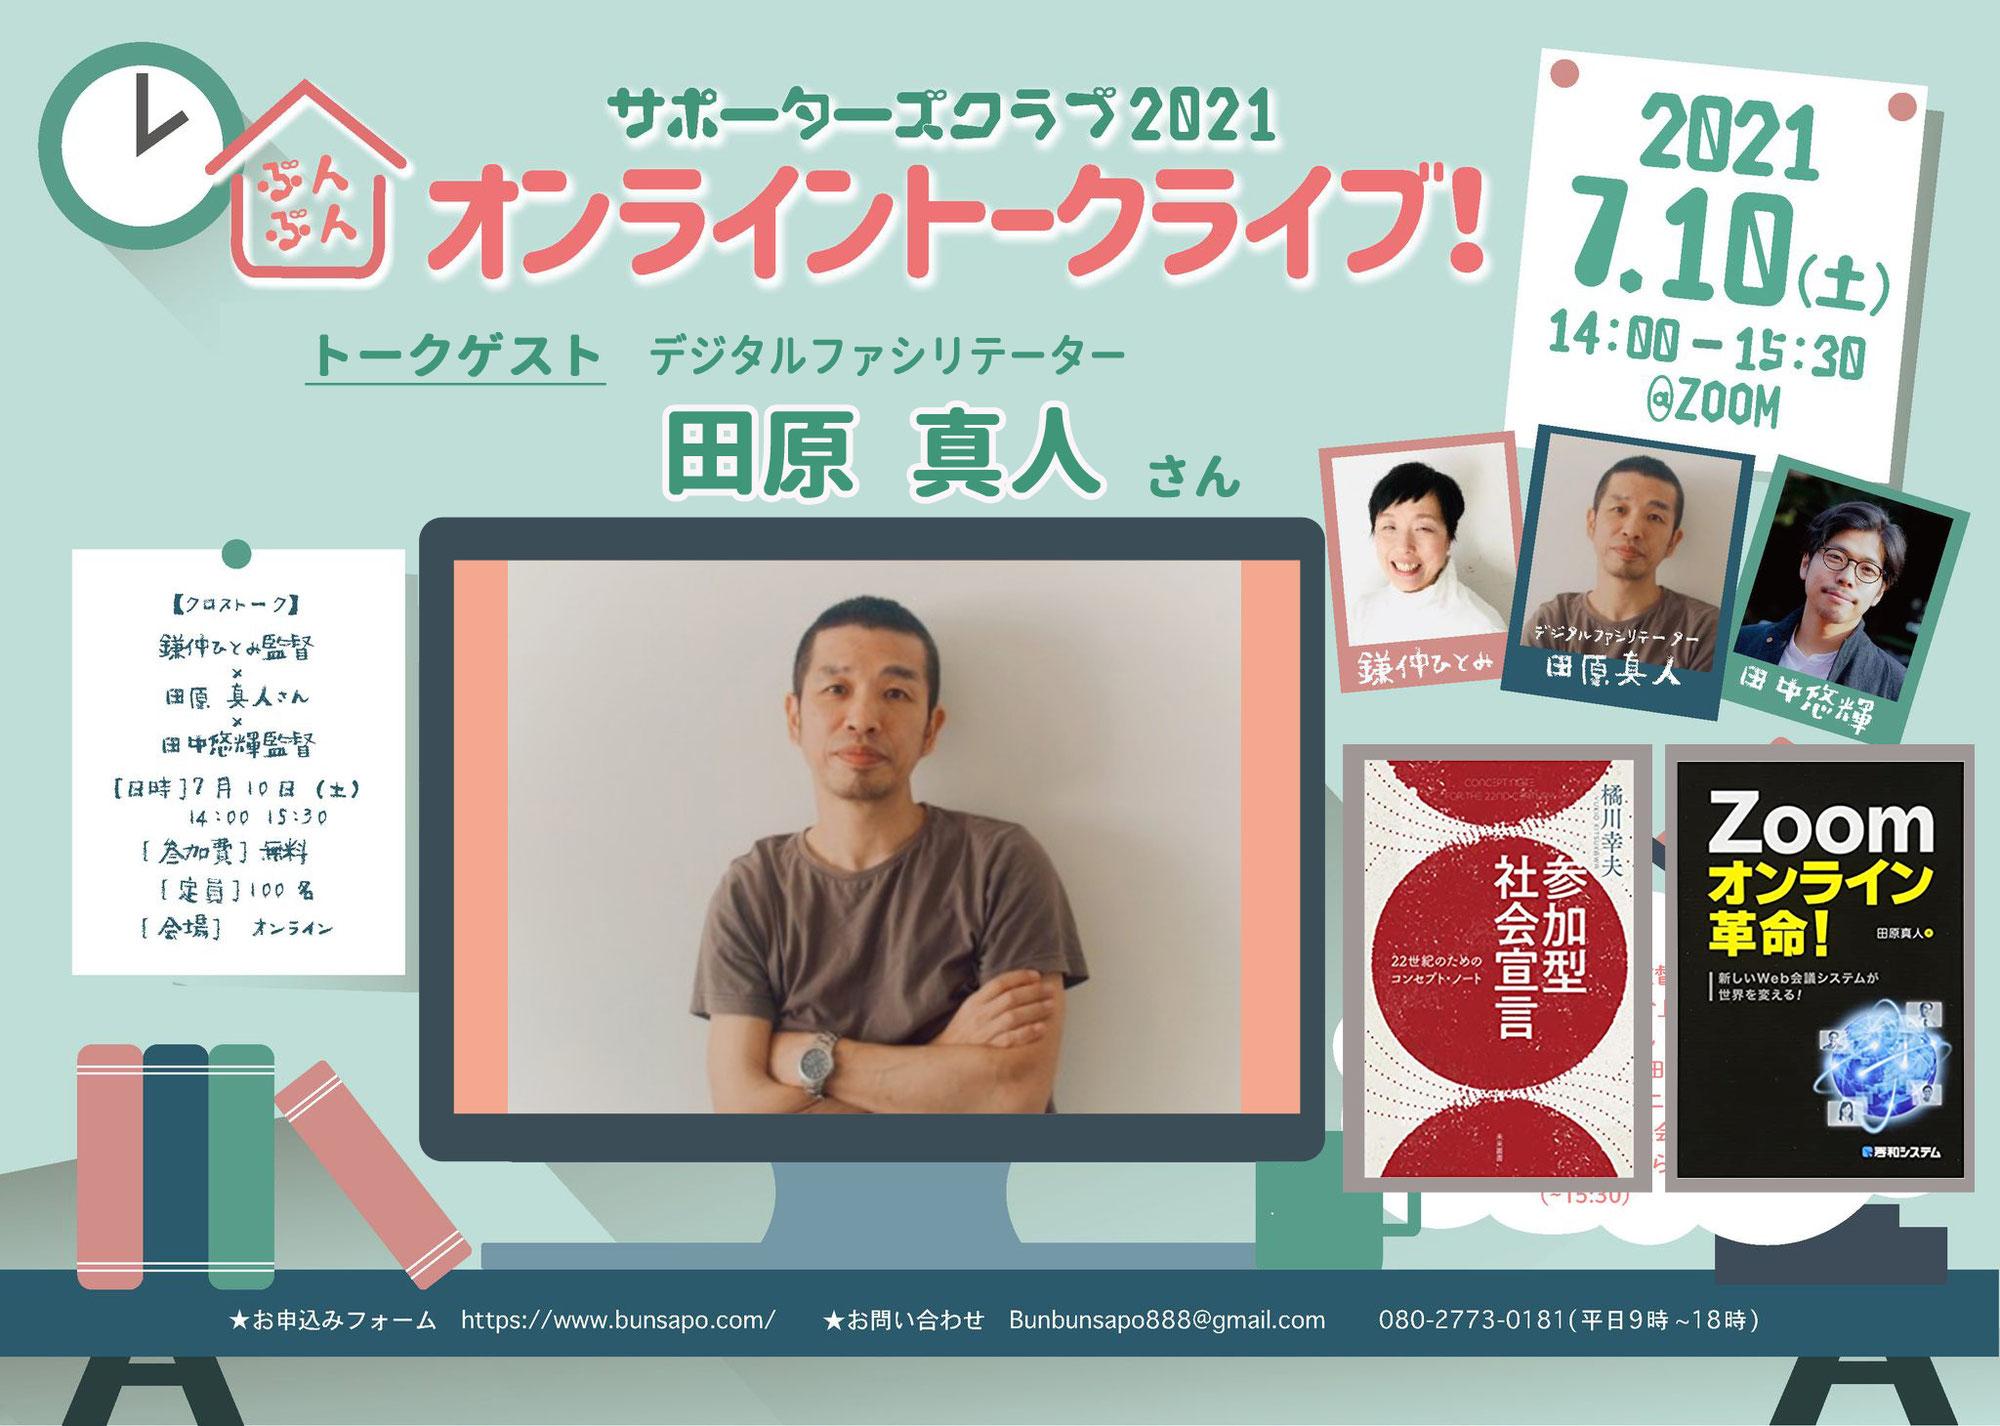 ゲスト・田原さん紹介!【ぶんぶんオンライントークライブ 2021】  7/10 14:00-15:30